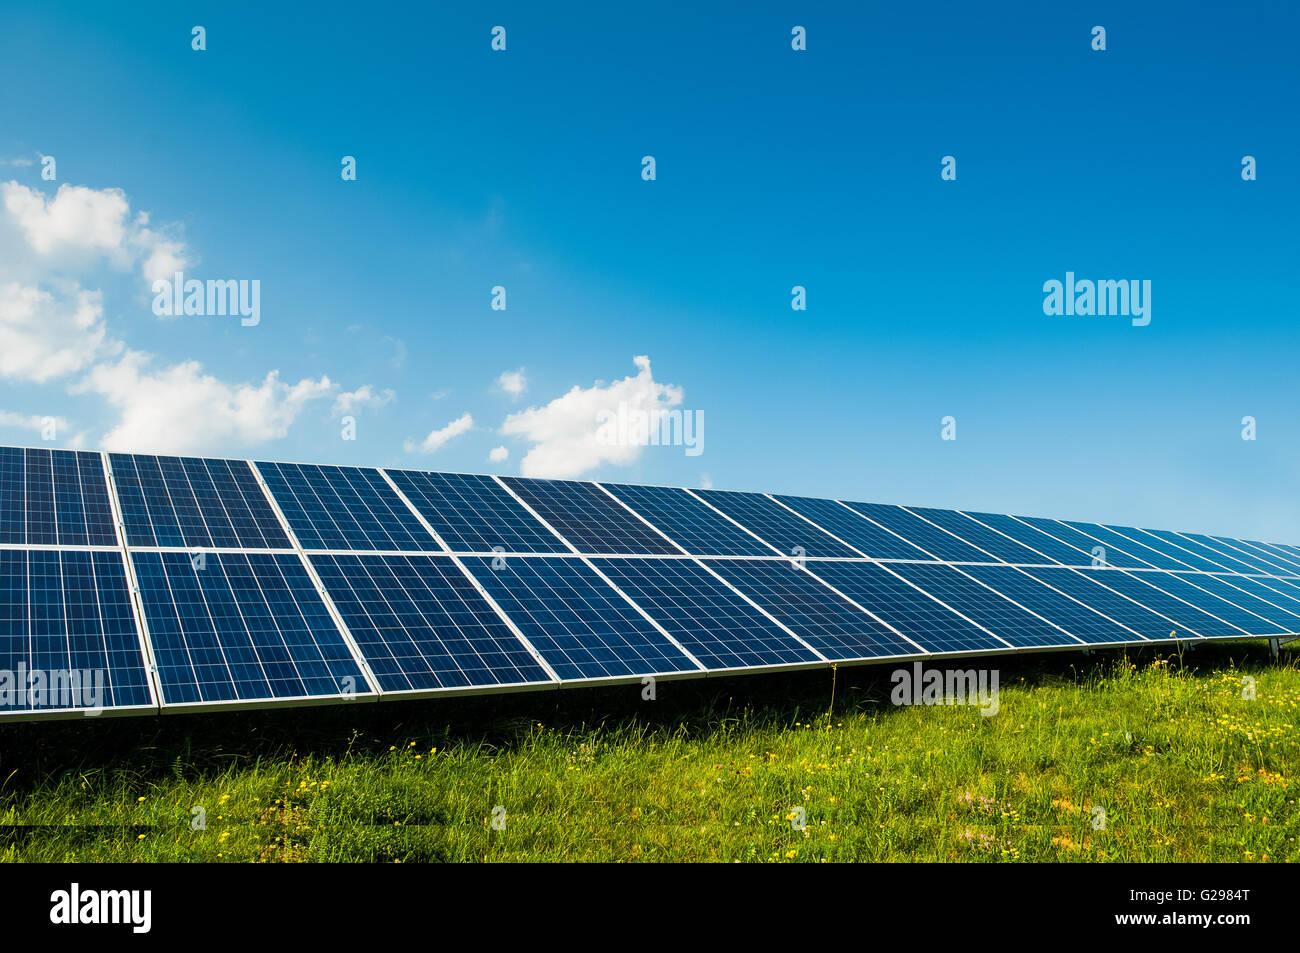 Grüne Energie mit Solarzellen im Freien als alternative Energie in erneuerbare Ressource Stockbild